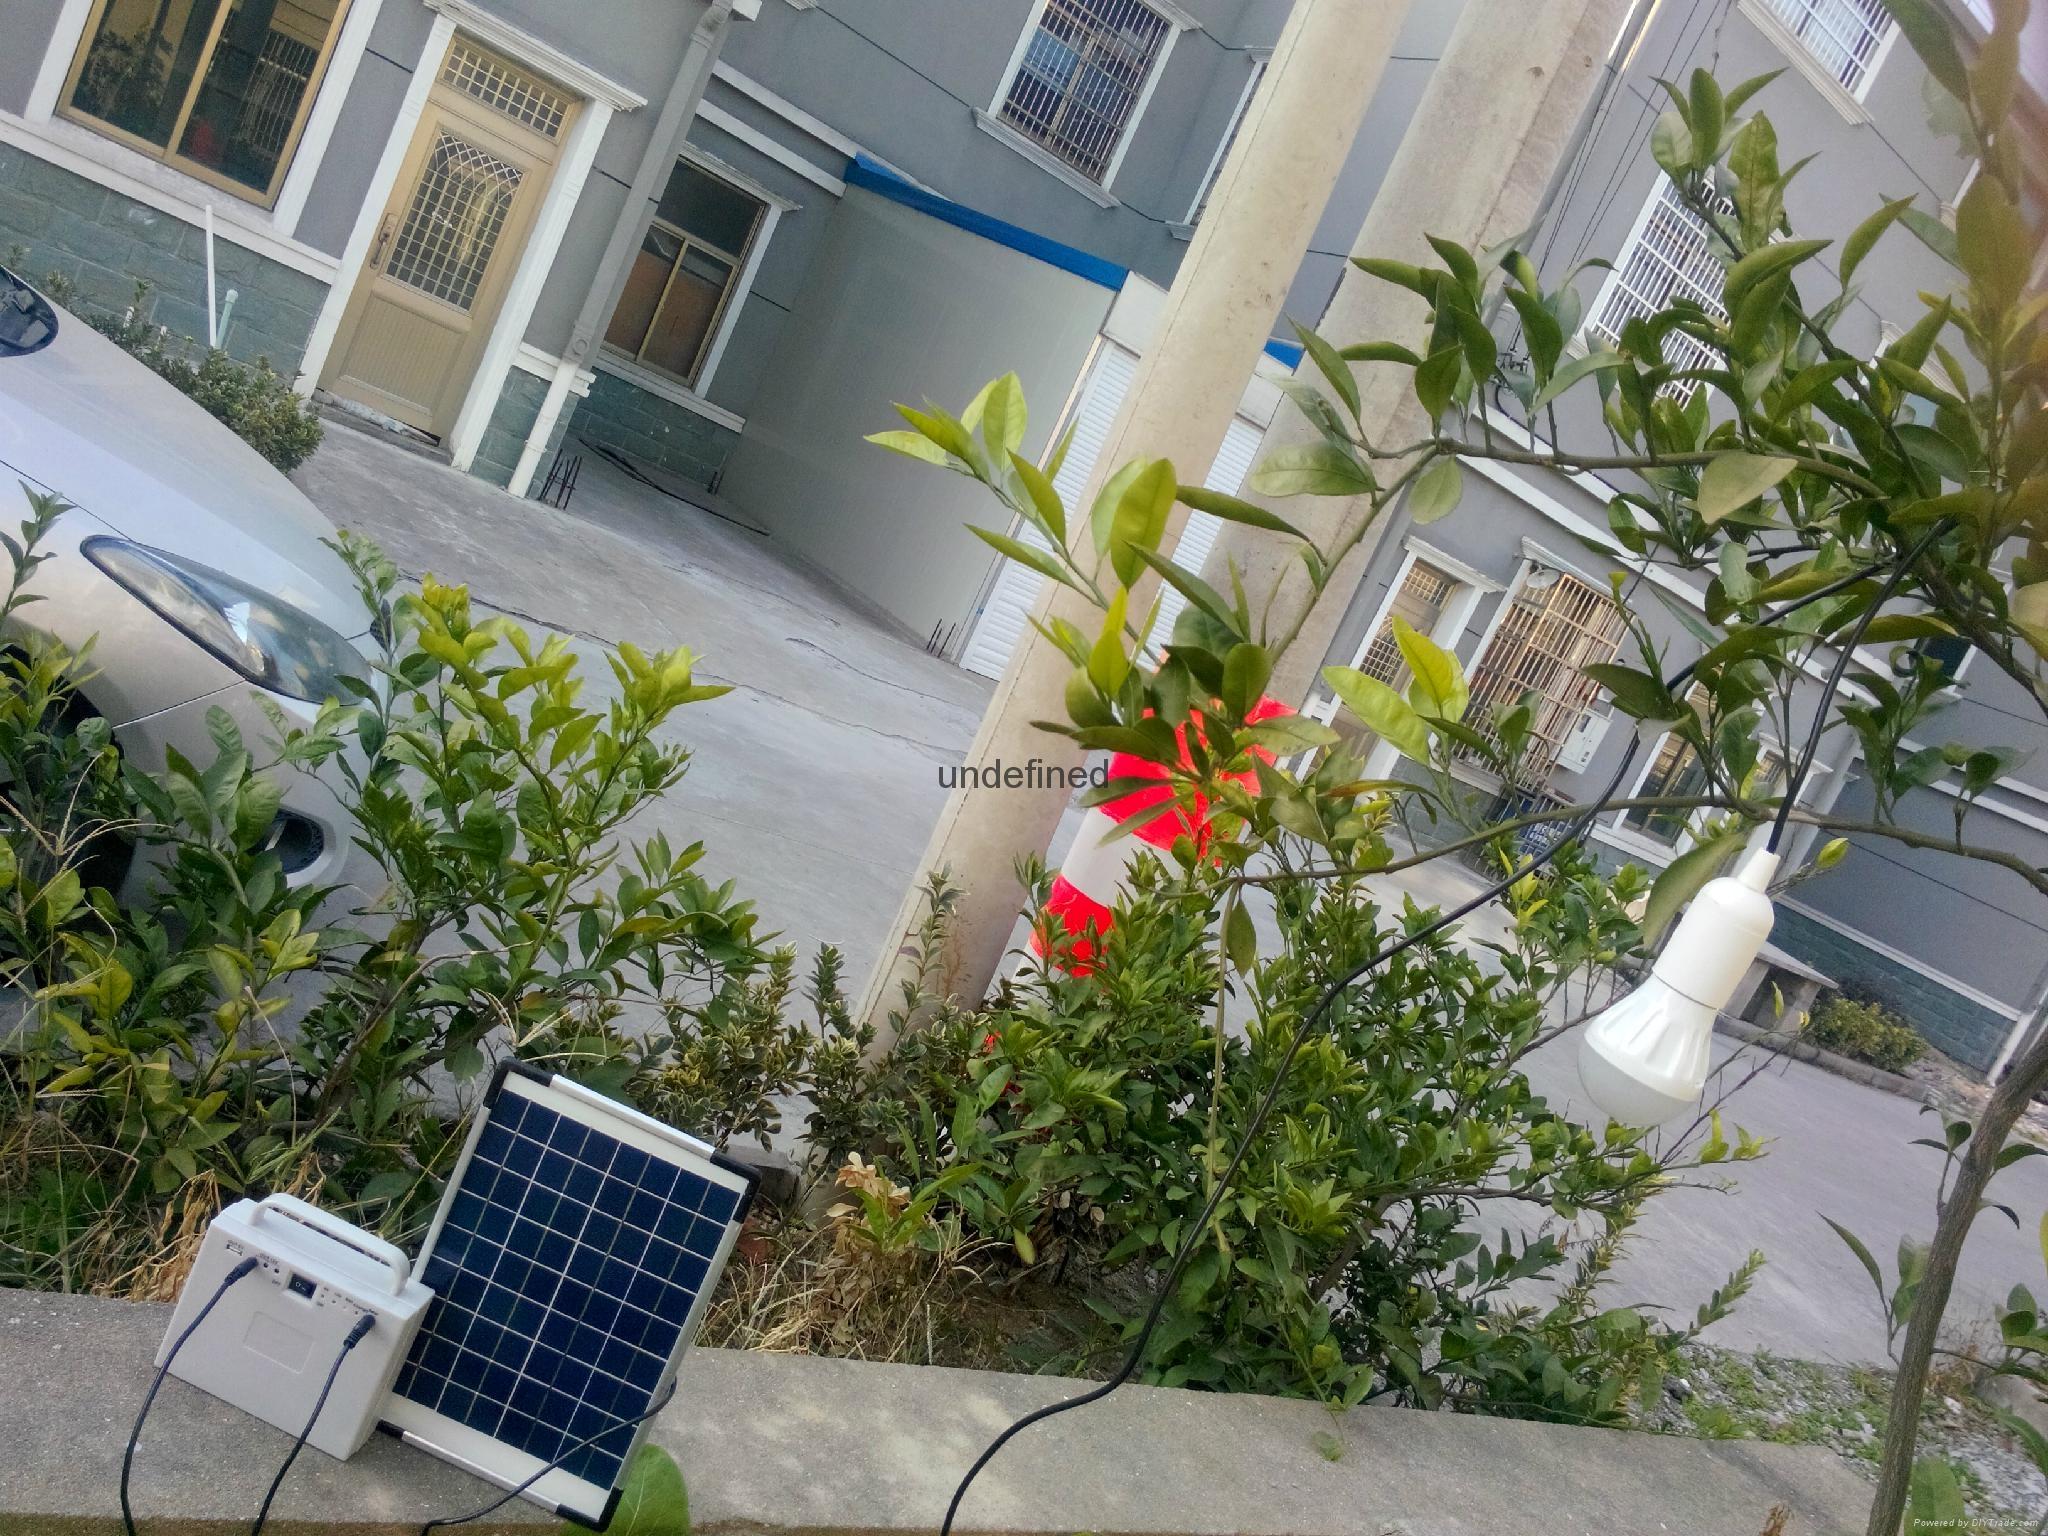 太阳能发电照明系统 2